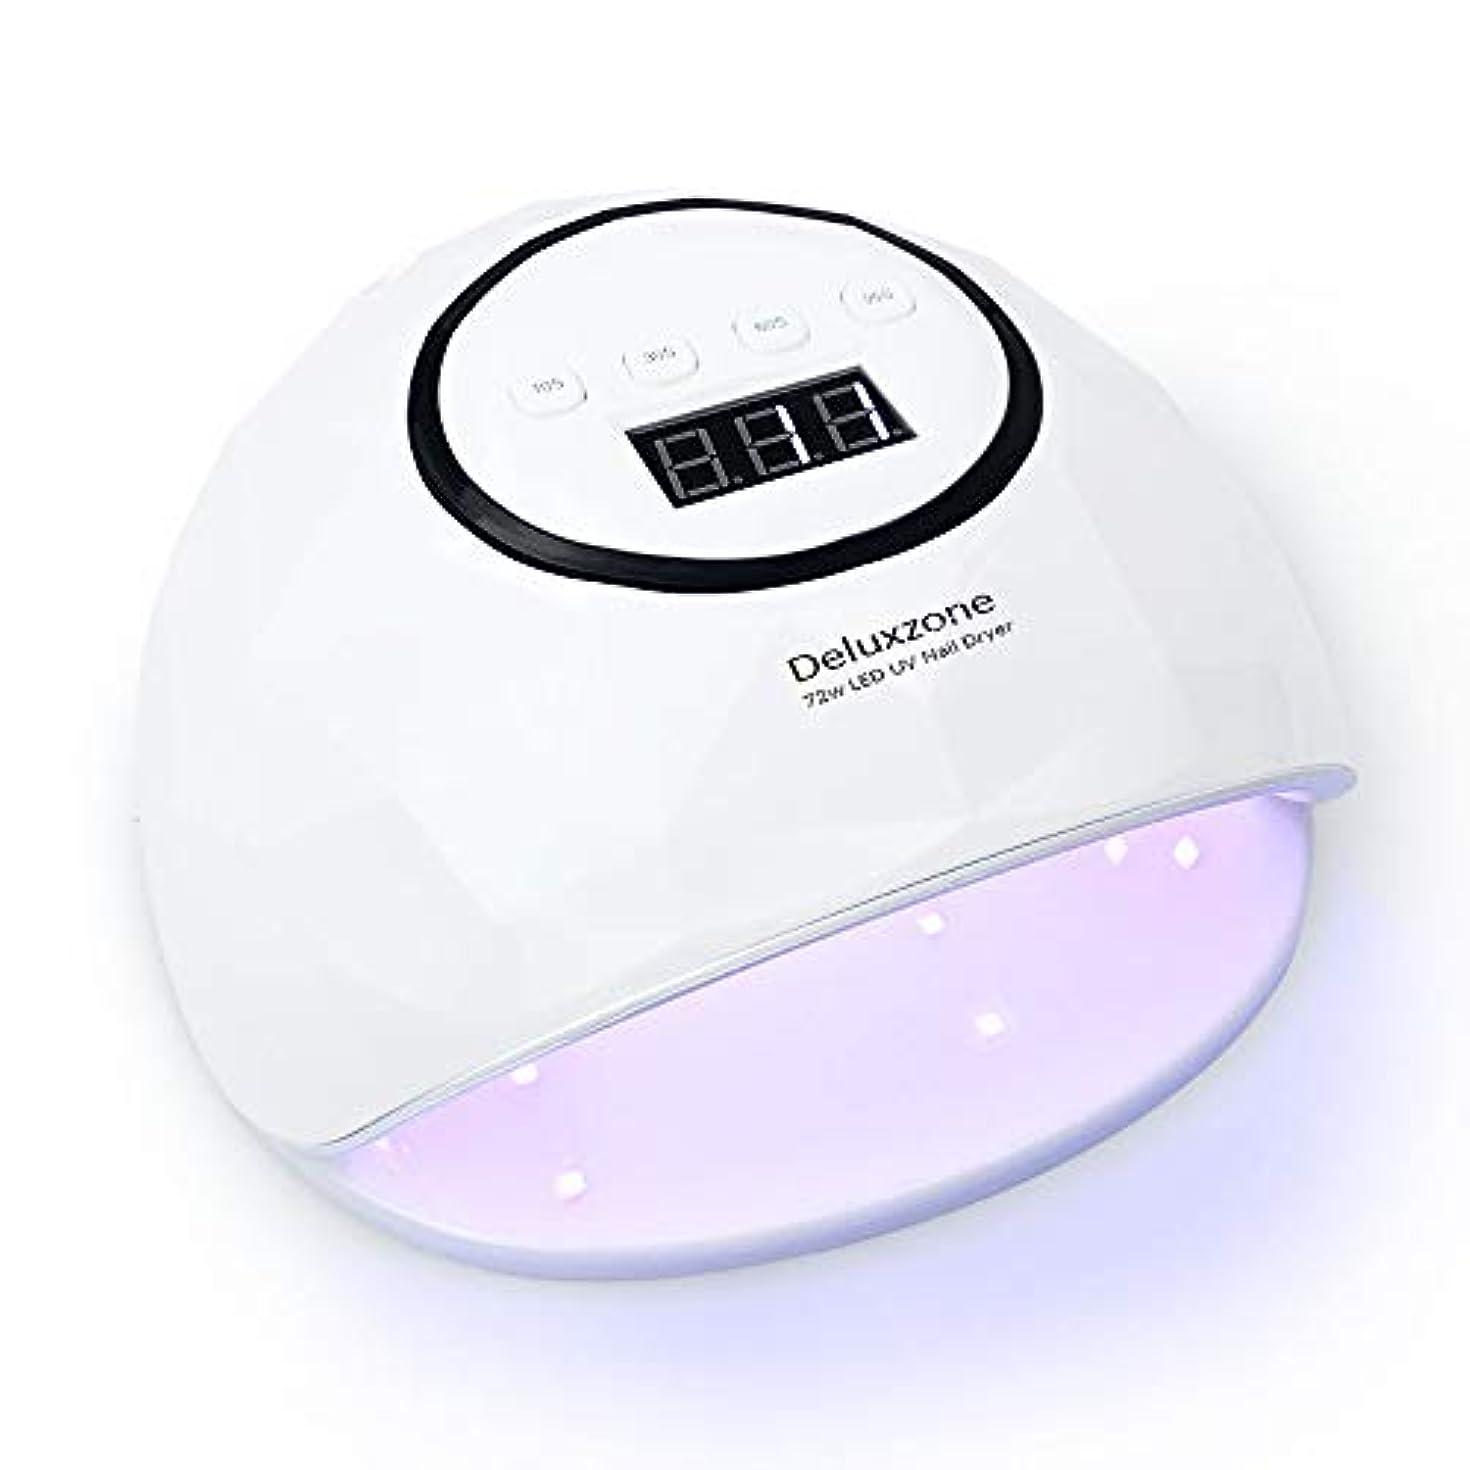 ジャンクション入浴電球UV LED ネイルドライヤー ジェルネイル ライト UV LED 72 W ハイパワー 赤外線検知 UV &LEDダブルライト ジェルネイル用 四つタイマー設定可能 硬化用 マニキュア用ライト ランプ